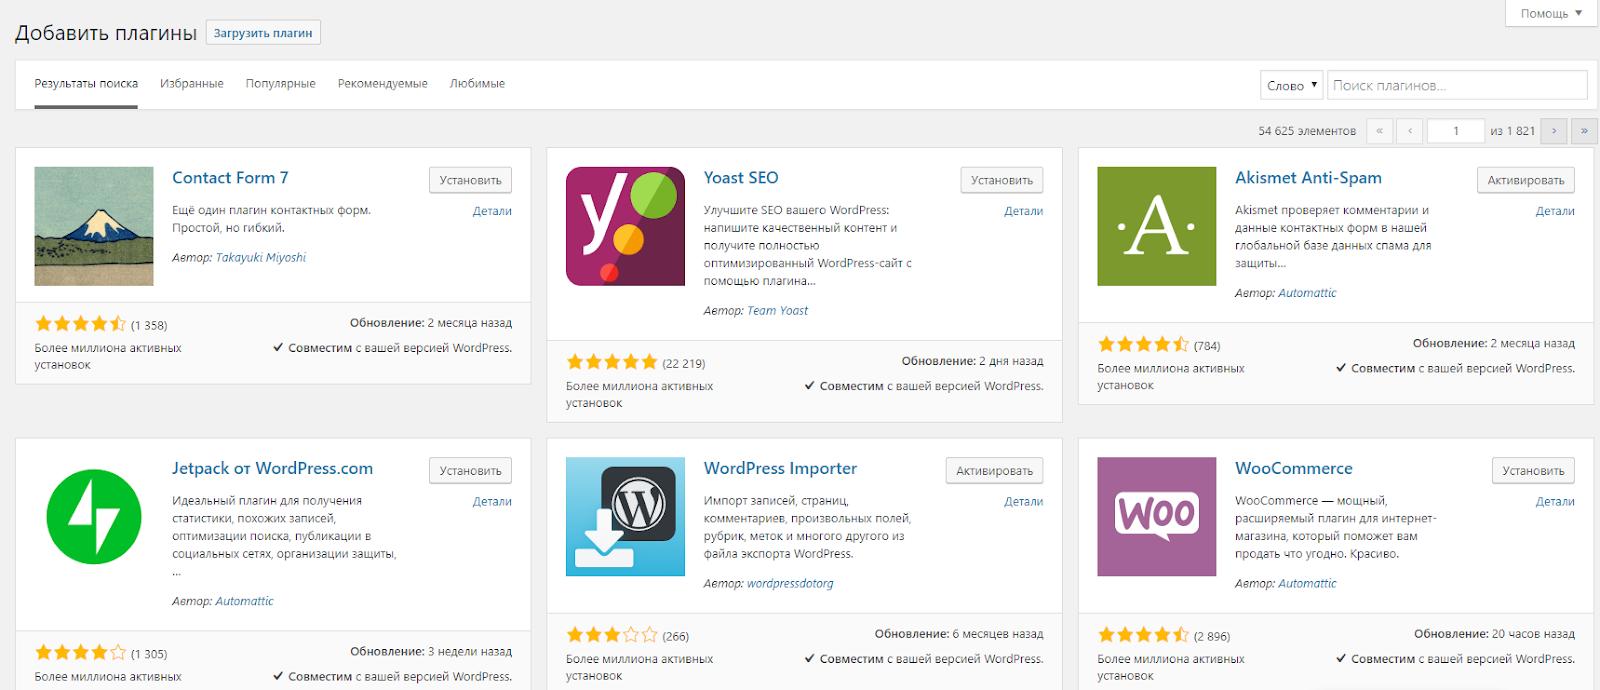 Библиотека плагинов в Wordpress